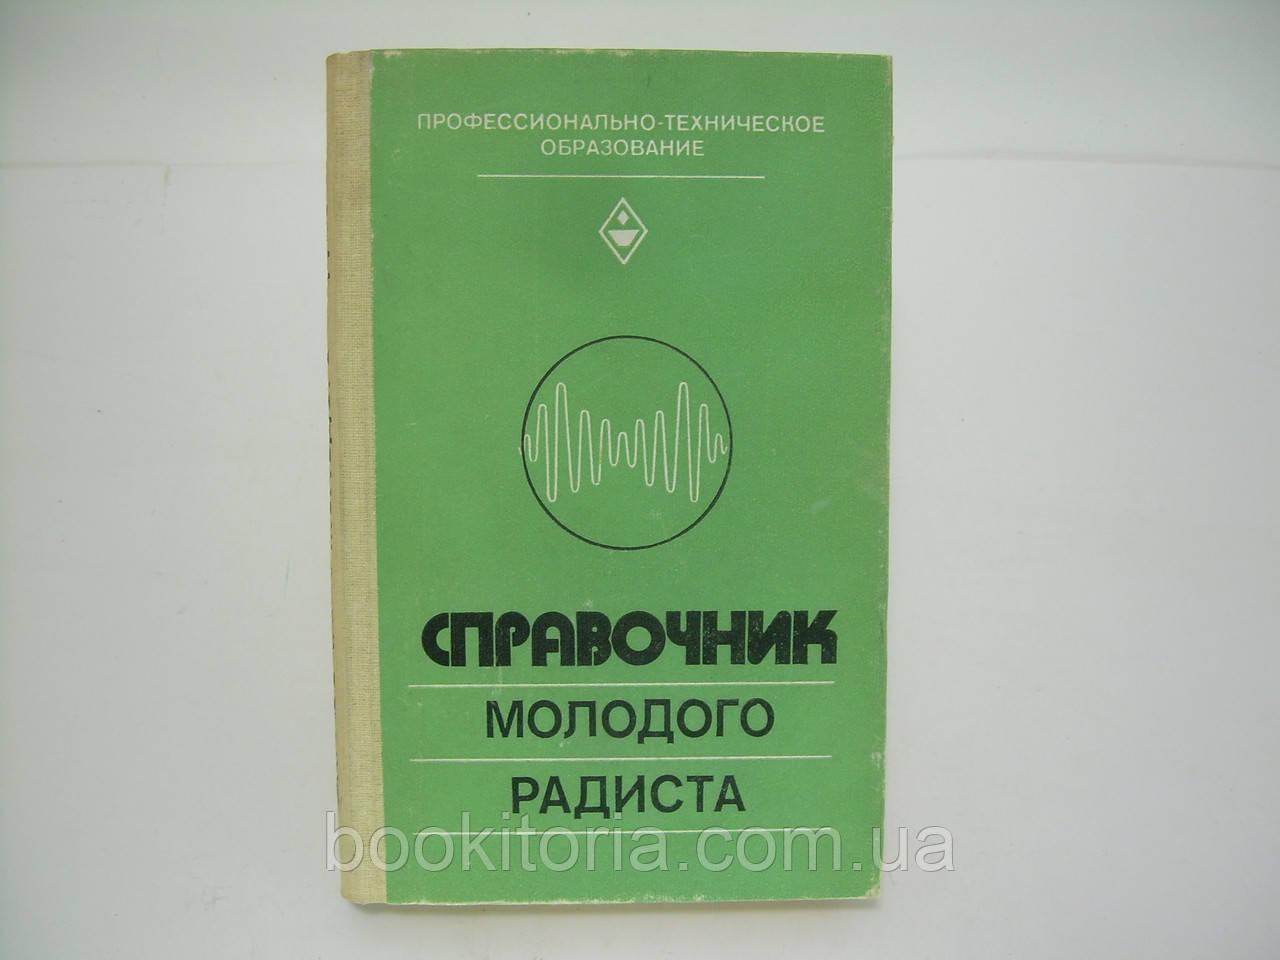 Бодиловский Б.Г. Справочник молодого радиста (б/у).